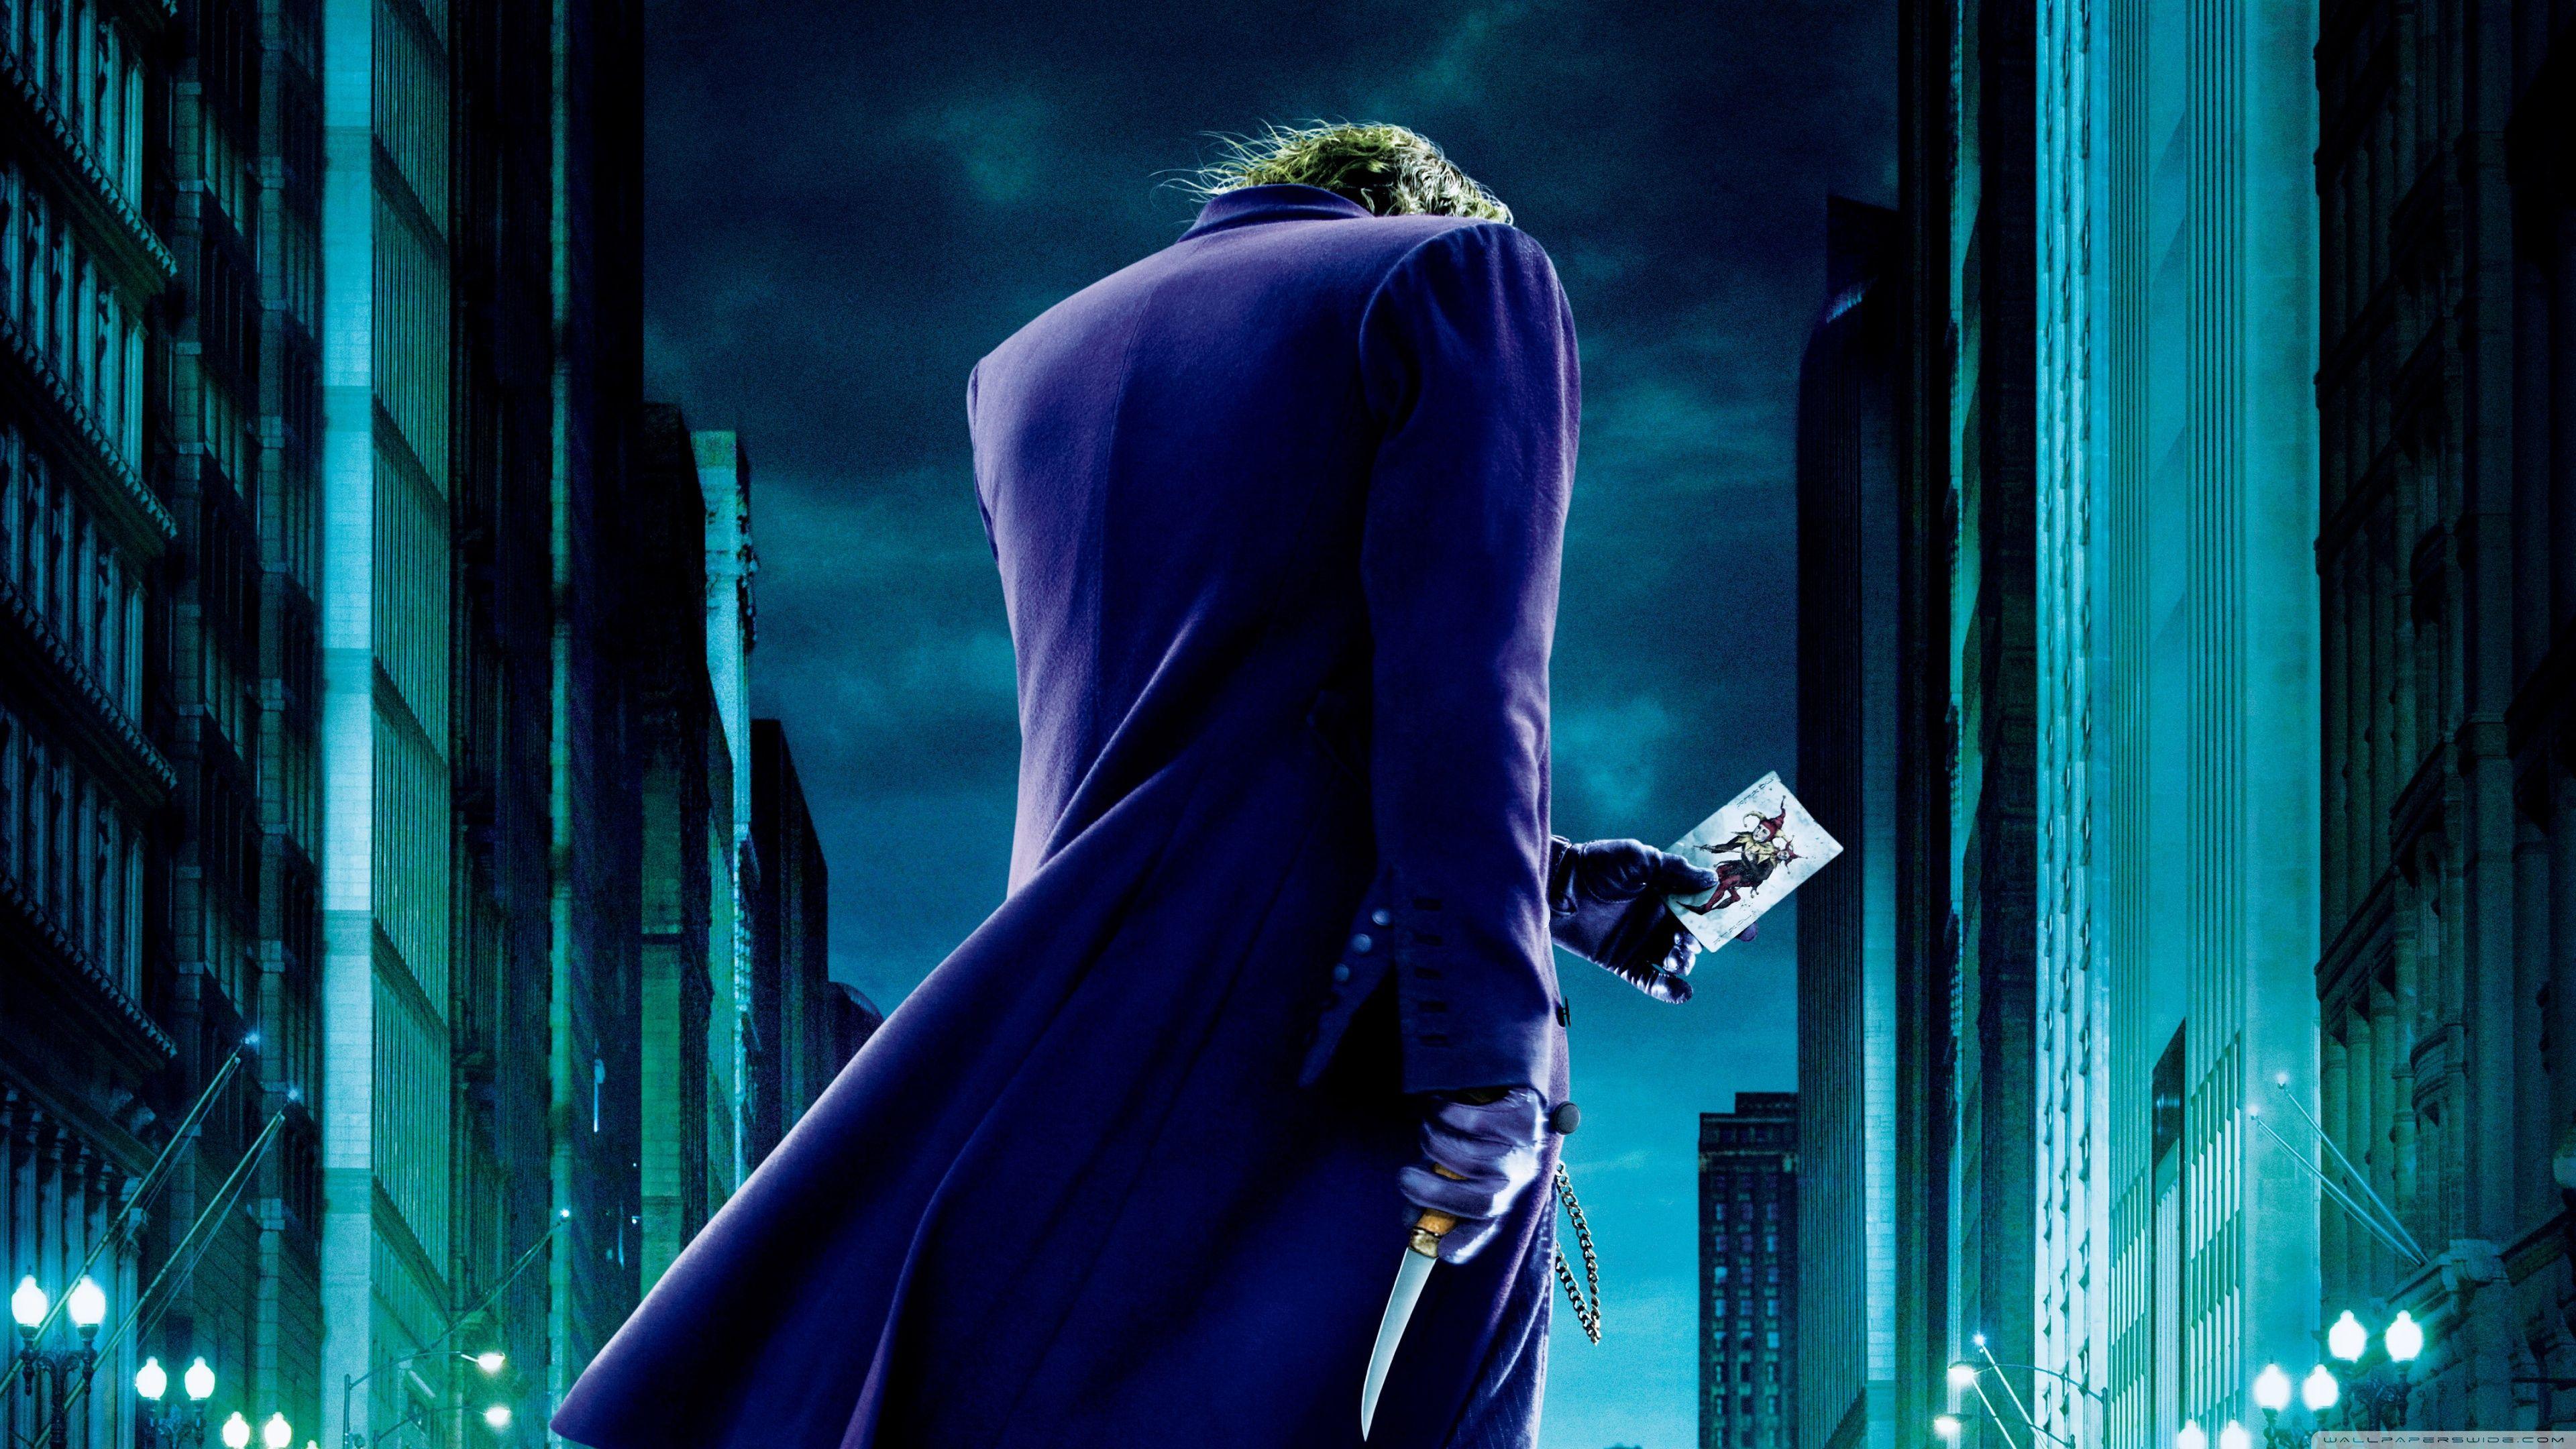 The Joker The Dark Knight 4k Hd Desktop Wallpaper Batman The Dark Knight Wallpaper Joker 3840x2160 Wallpaper Teahub Io